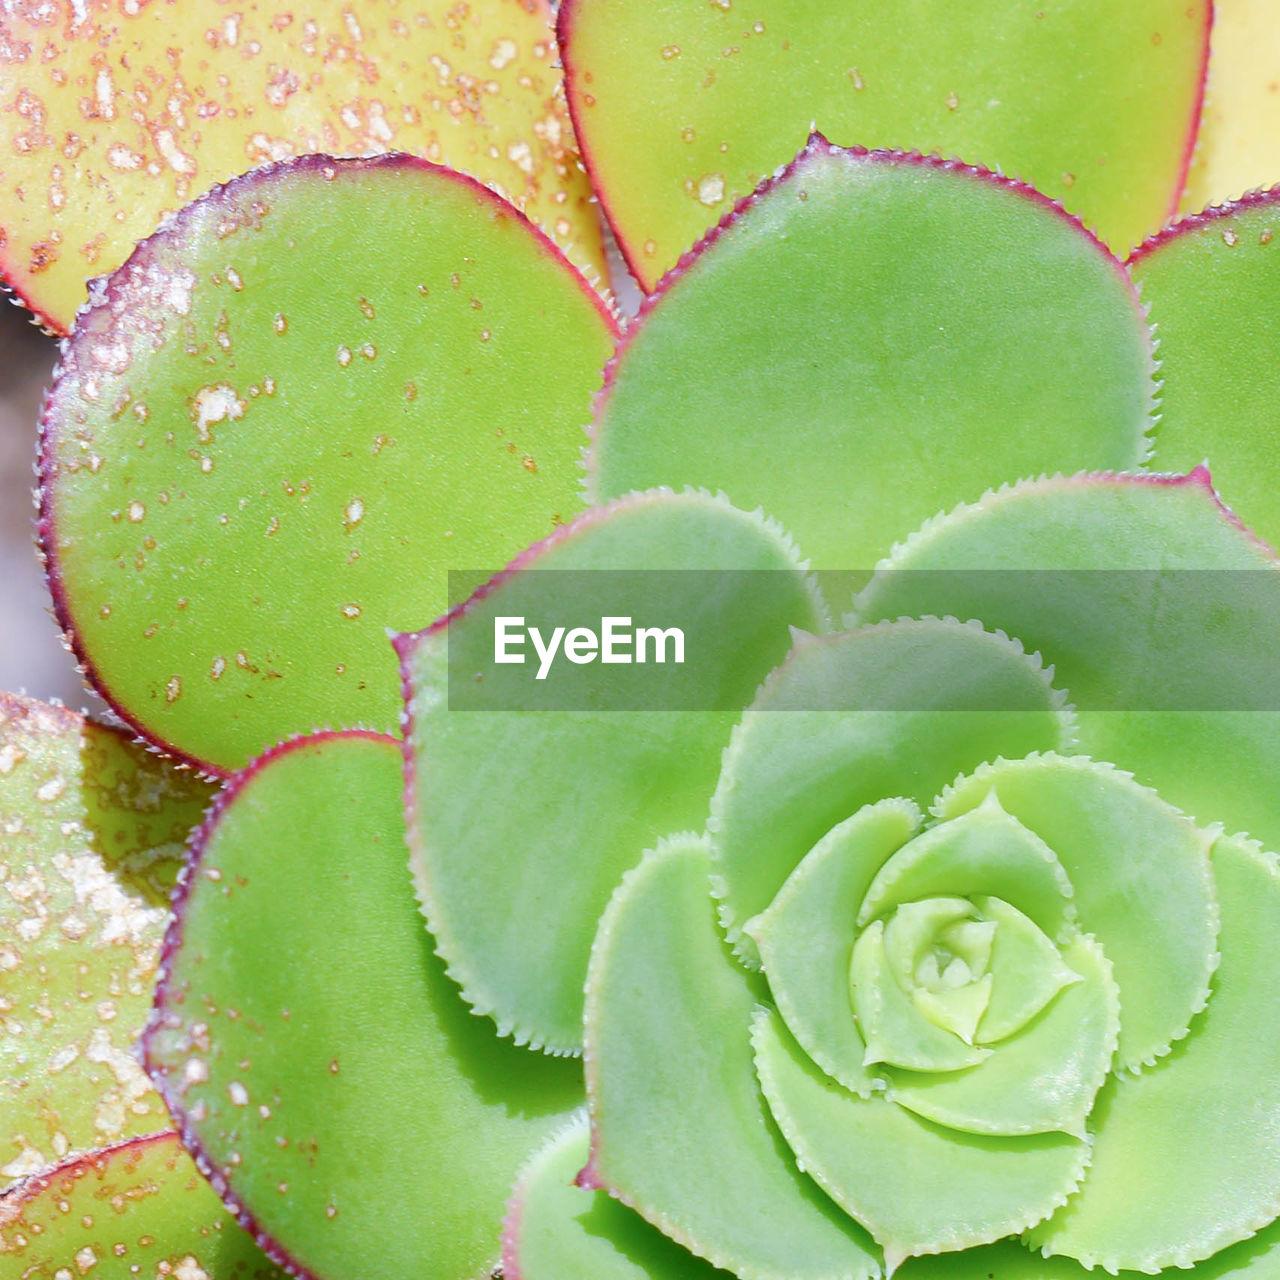 FULL FRAME SHOT OF CACTUS PLANT